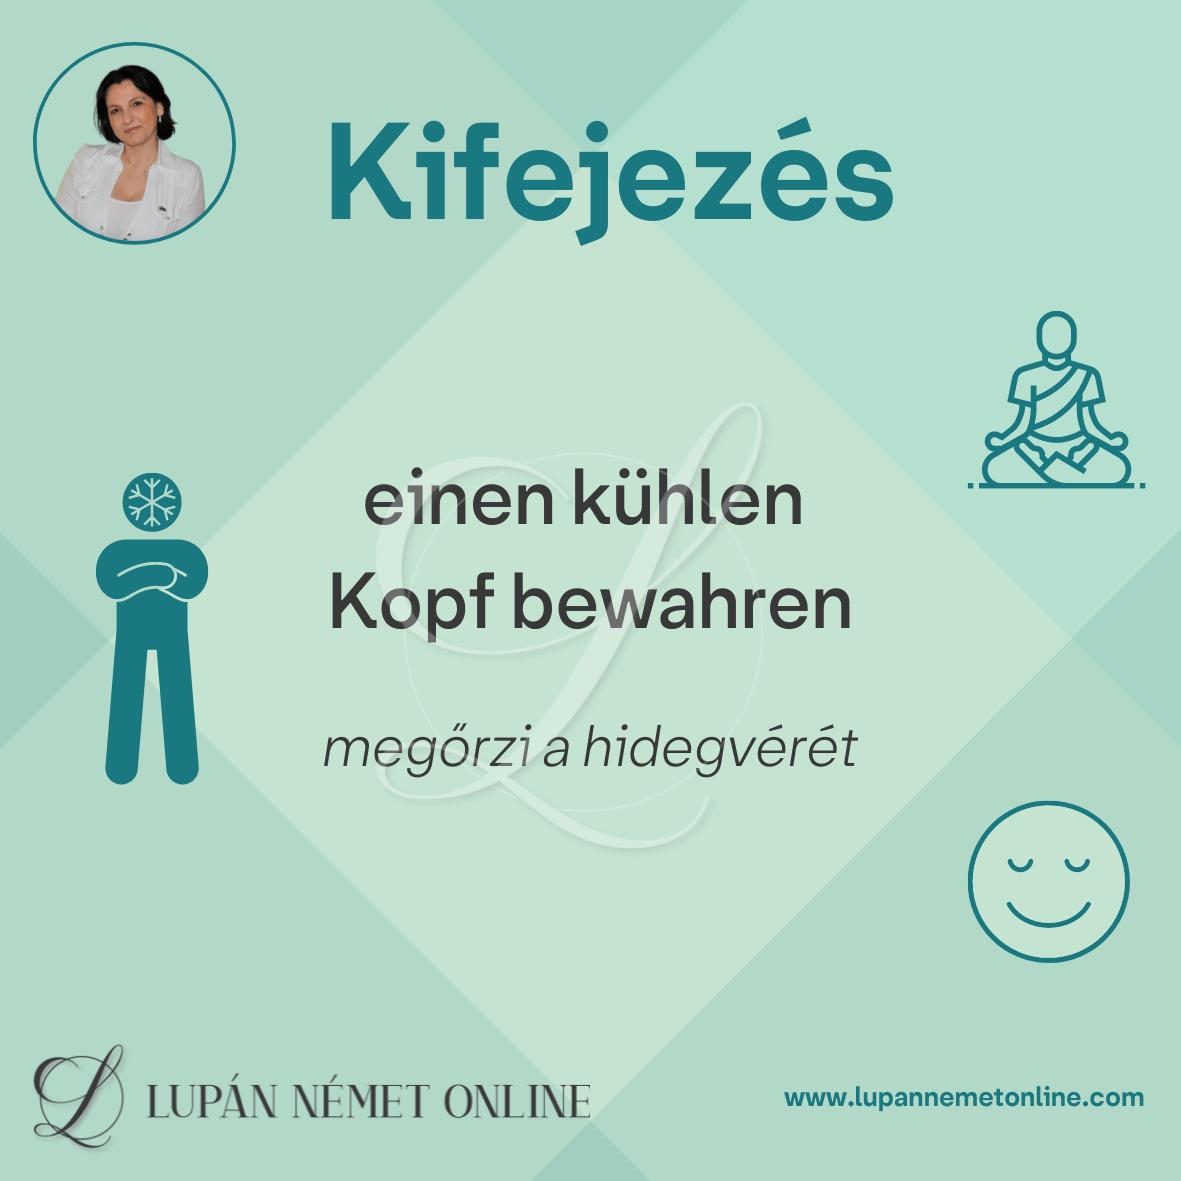 Kifejezés_kuehlen_kopf